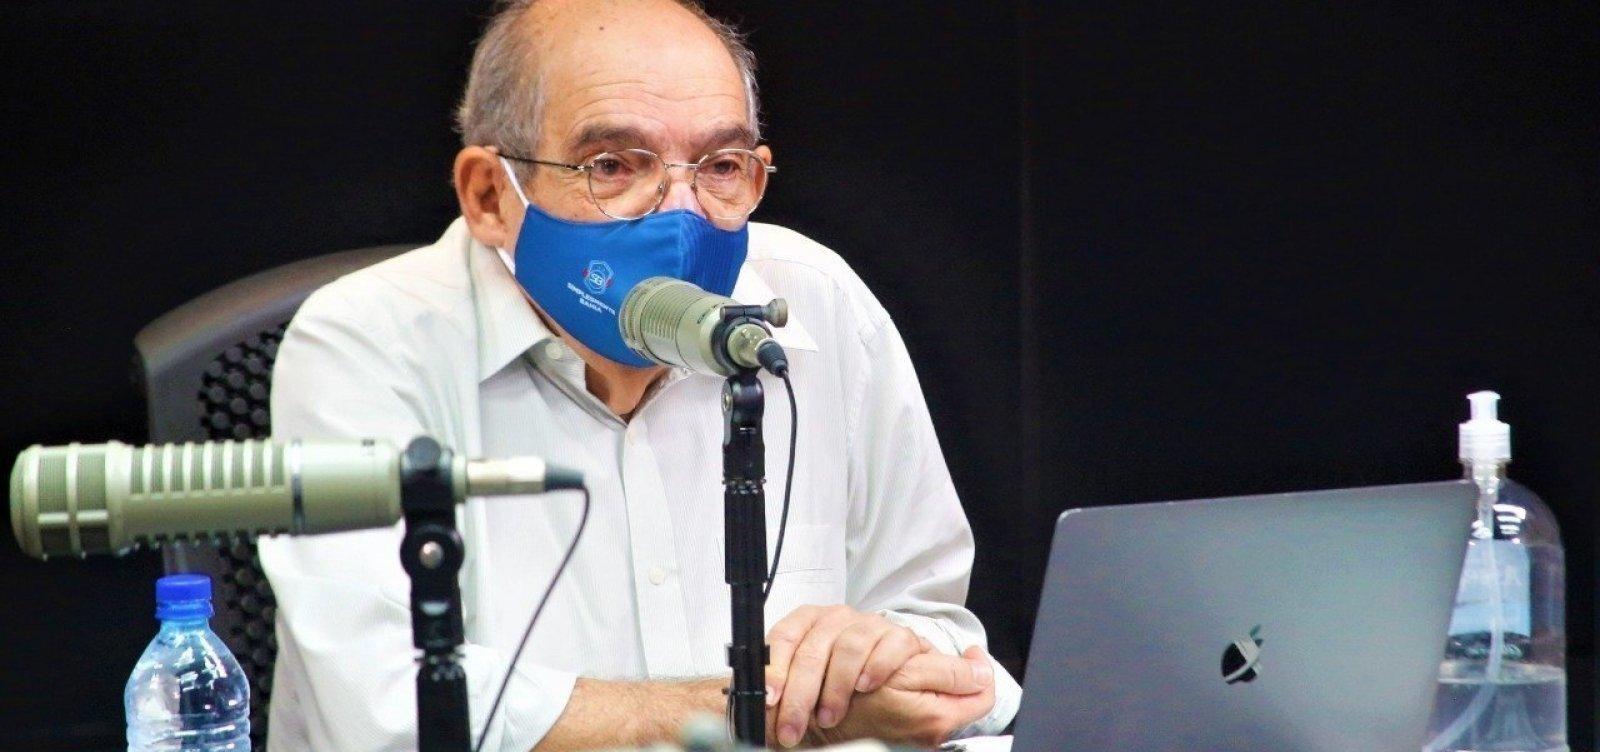 MK aponta evidentes contrastes entre discursos de Lula e Bolsonaro: 'Sem raiva e sem ódio'; ouça